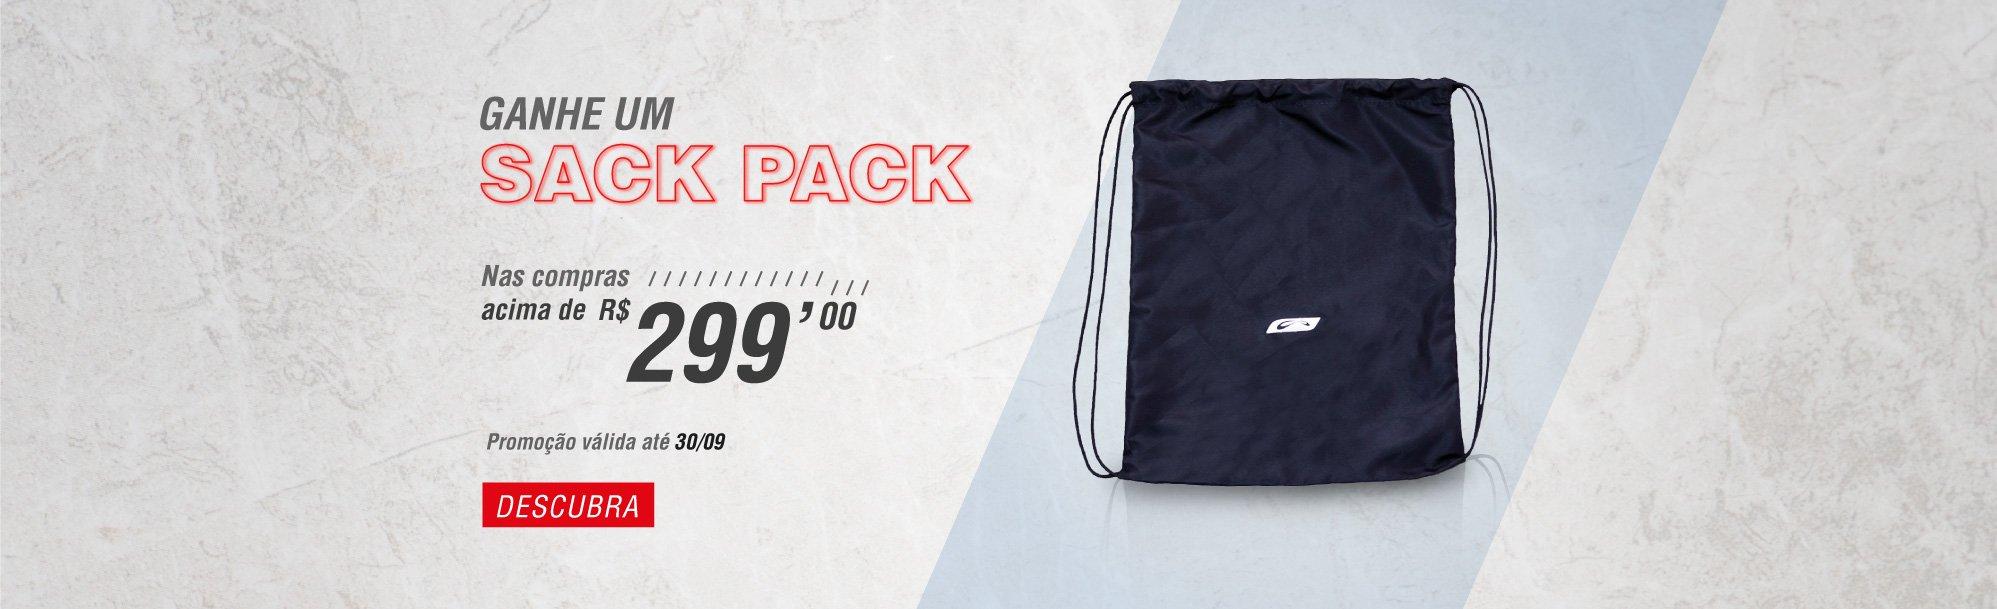 Promoção Sack pack